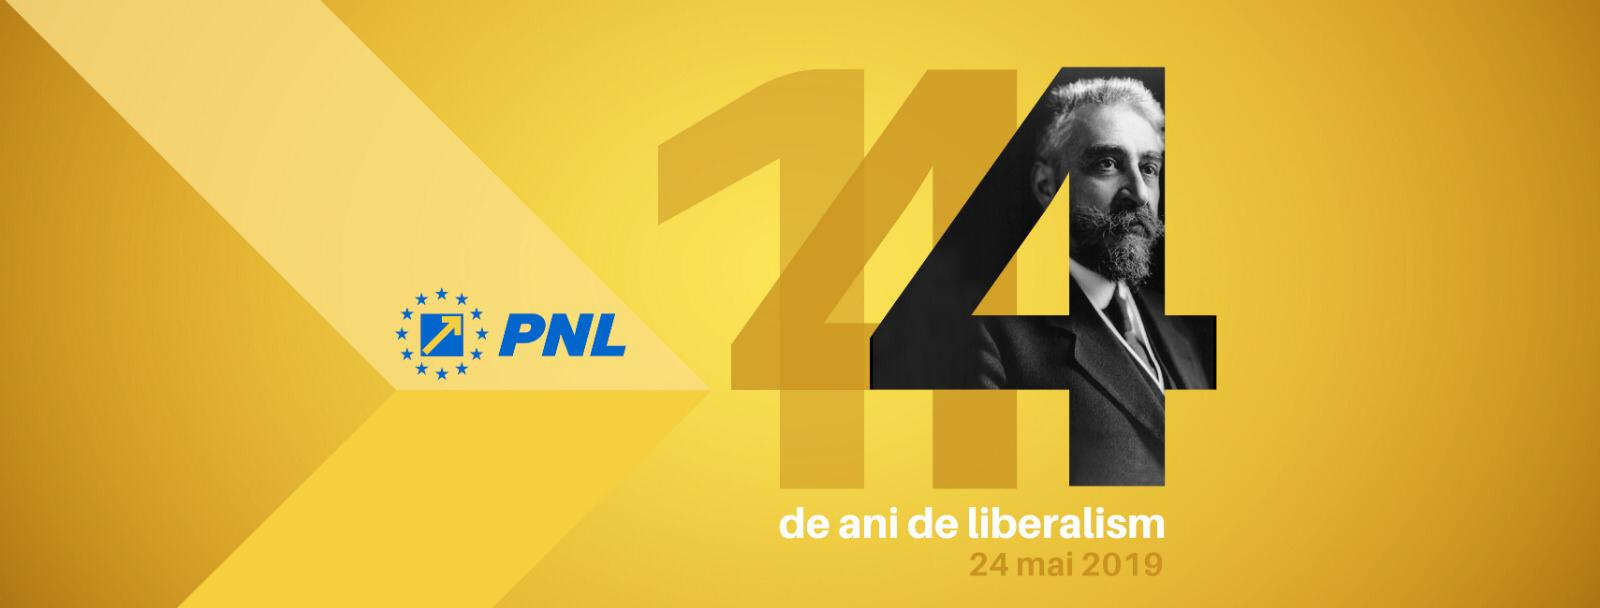 Partidul Național Liberal – 144 de ani